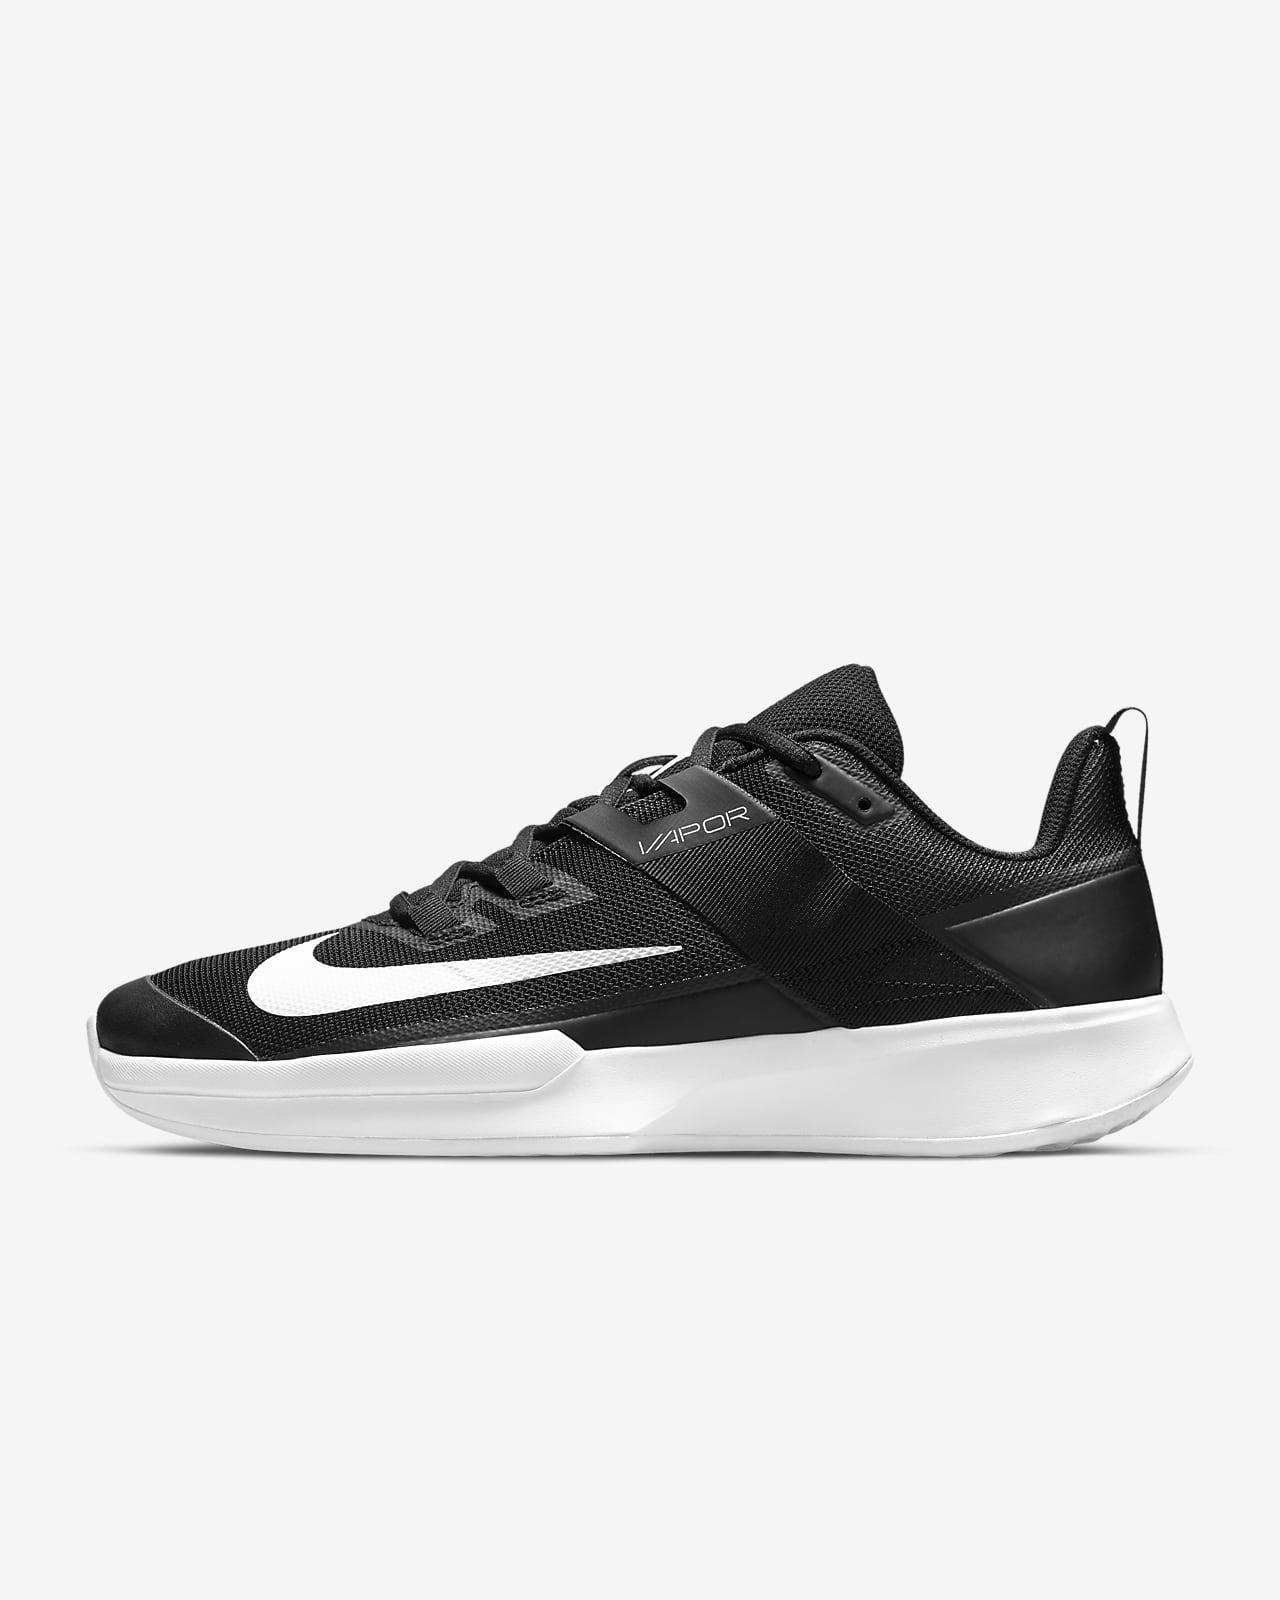 Sapatilhas de ténis para piso duro NikeCourt Vapor Lite para homem